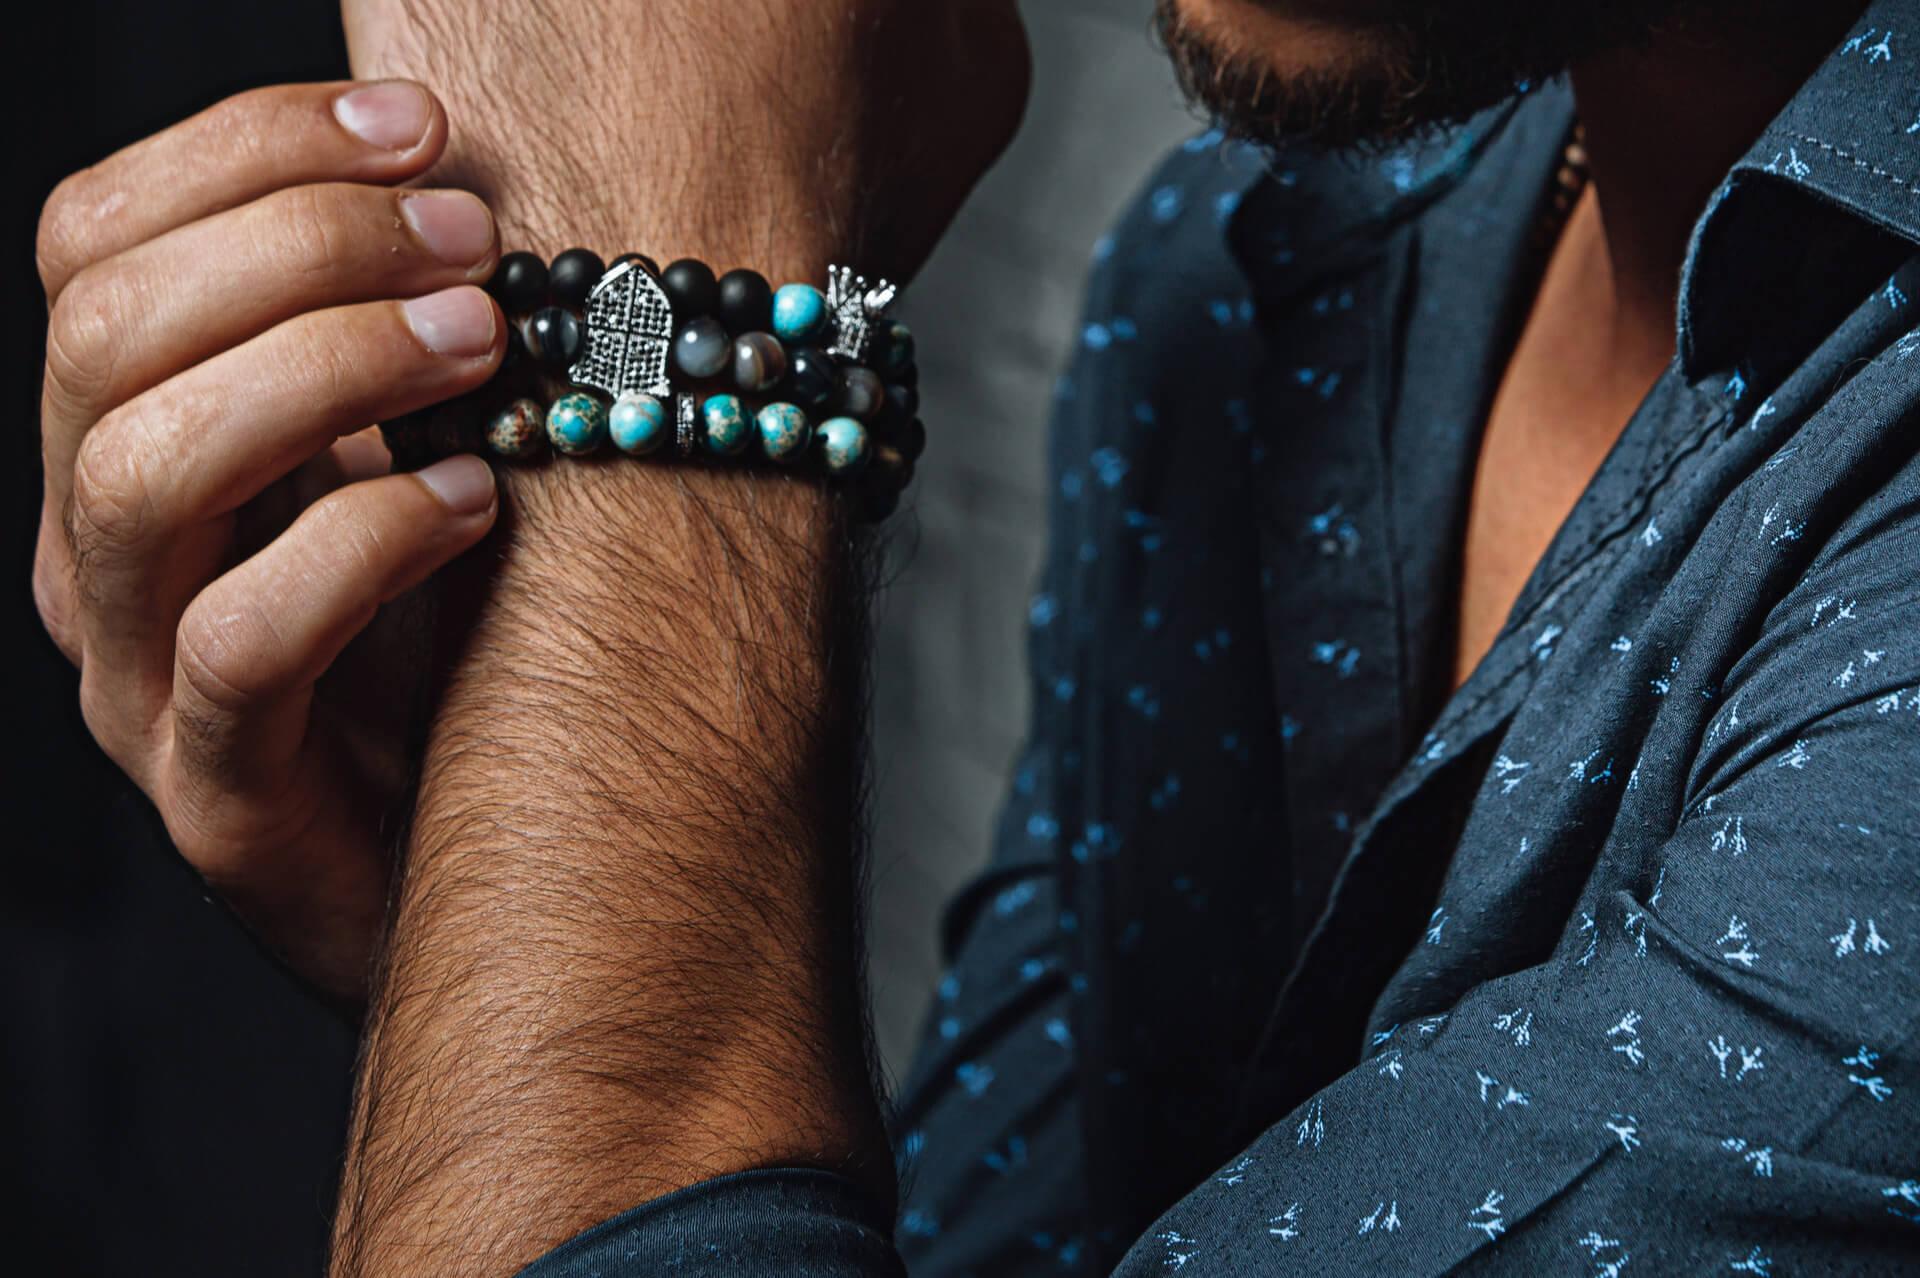 Ce accesorii sunt potrivite pentru barbati?